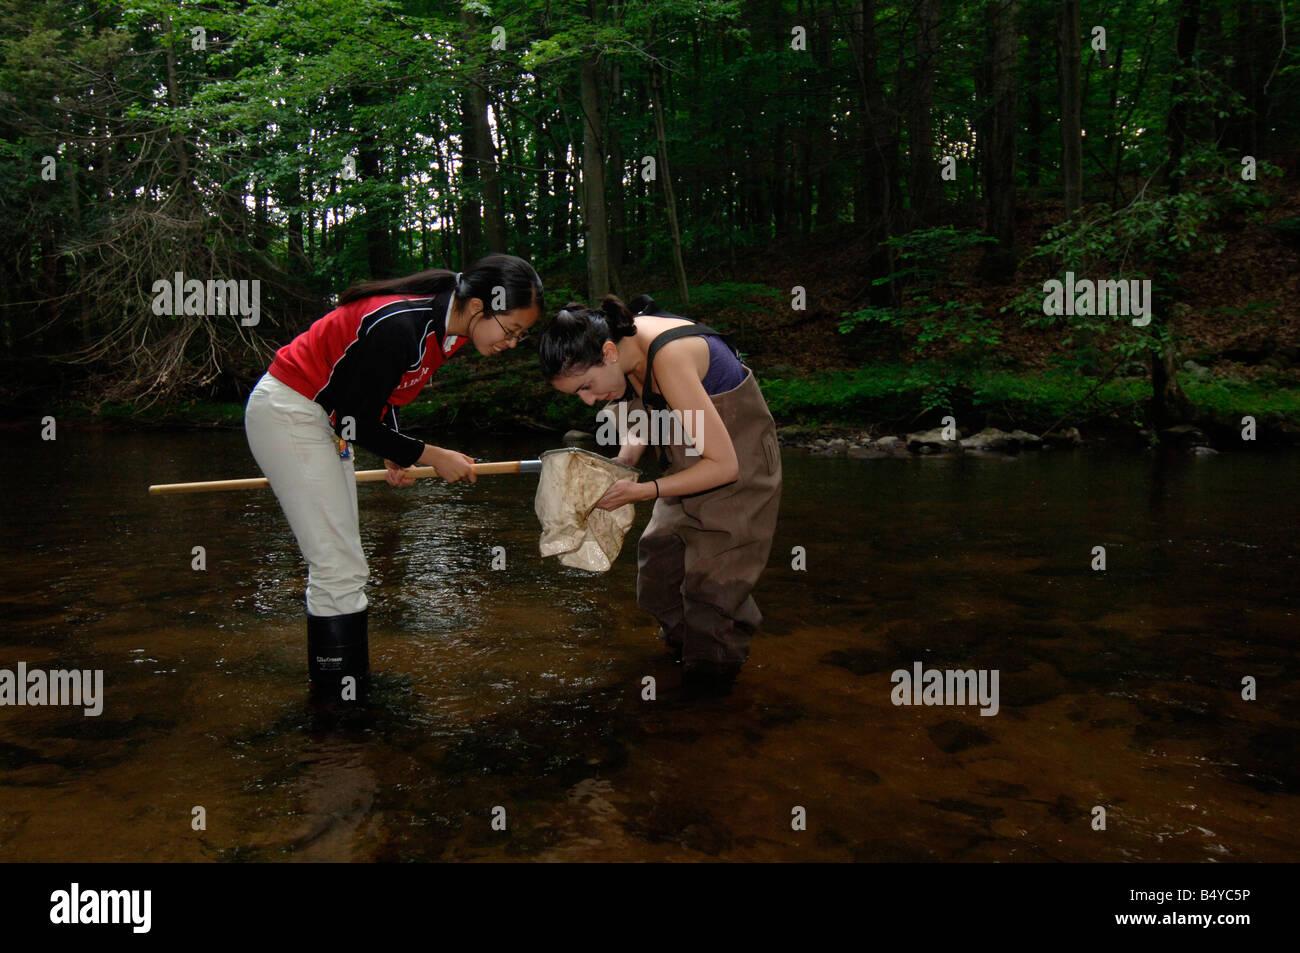 Stream en el Laboratorio de Biología de la Escuela de Verano de Yale haciendo clase stream invertrebrate encuesta Imagen De Stock